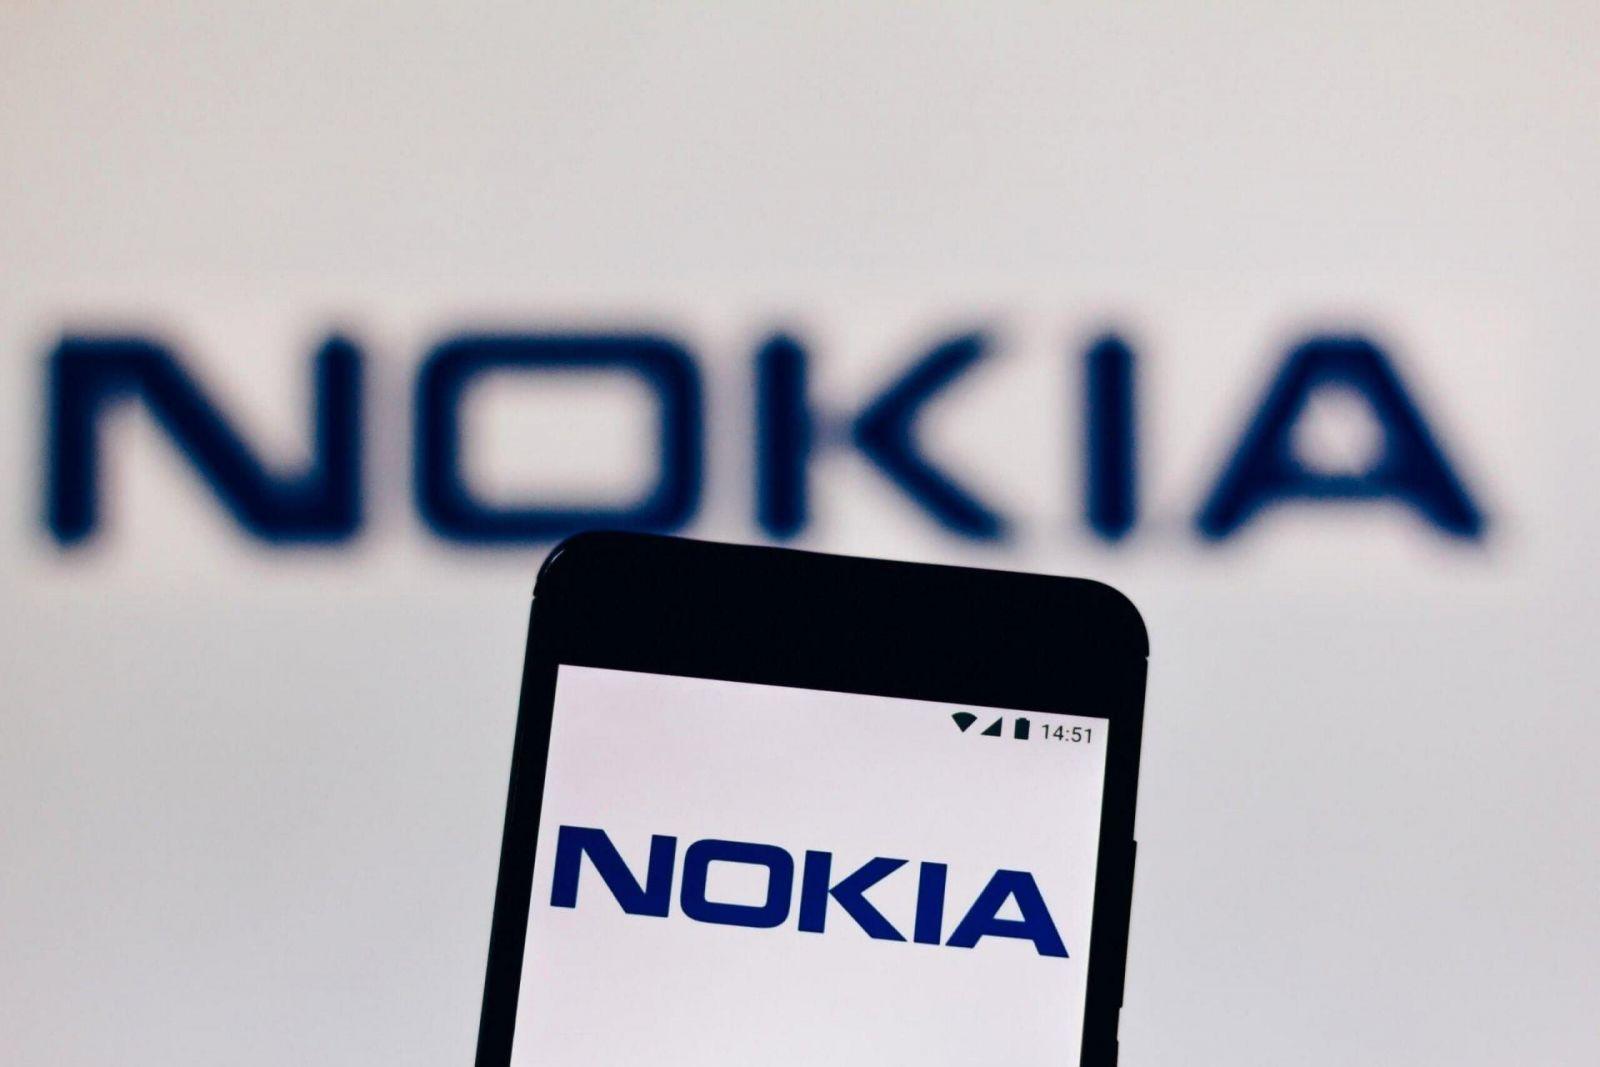 Смартфоны Nokia передавали личные данные пользователей китайскому оператору (2019 03 21 image 23)